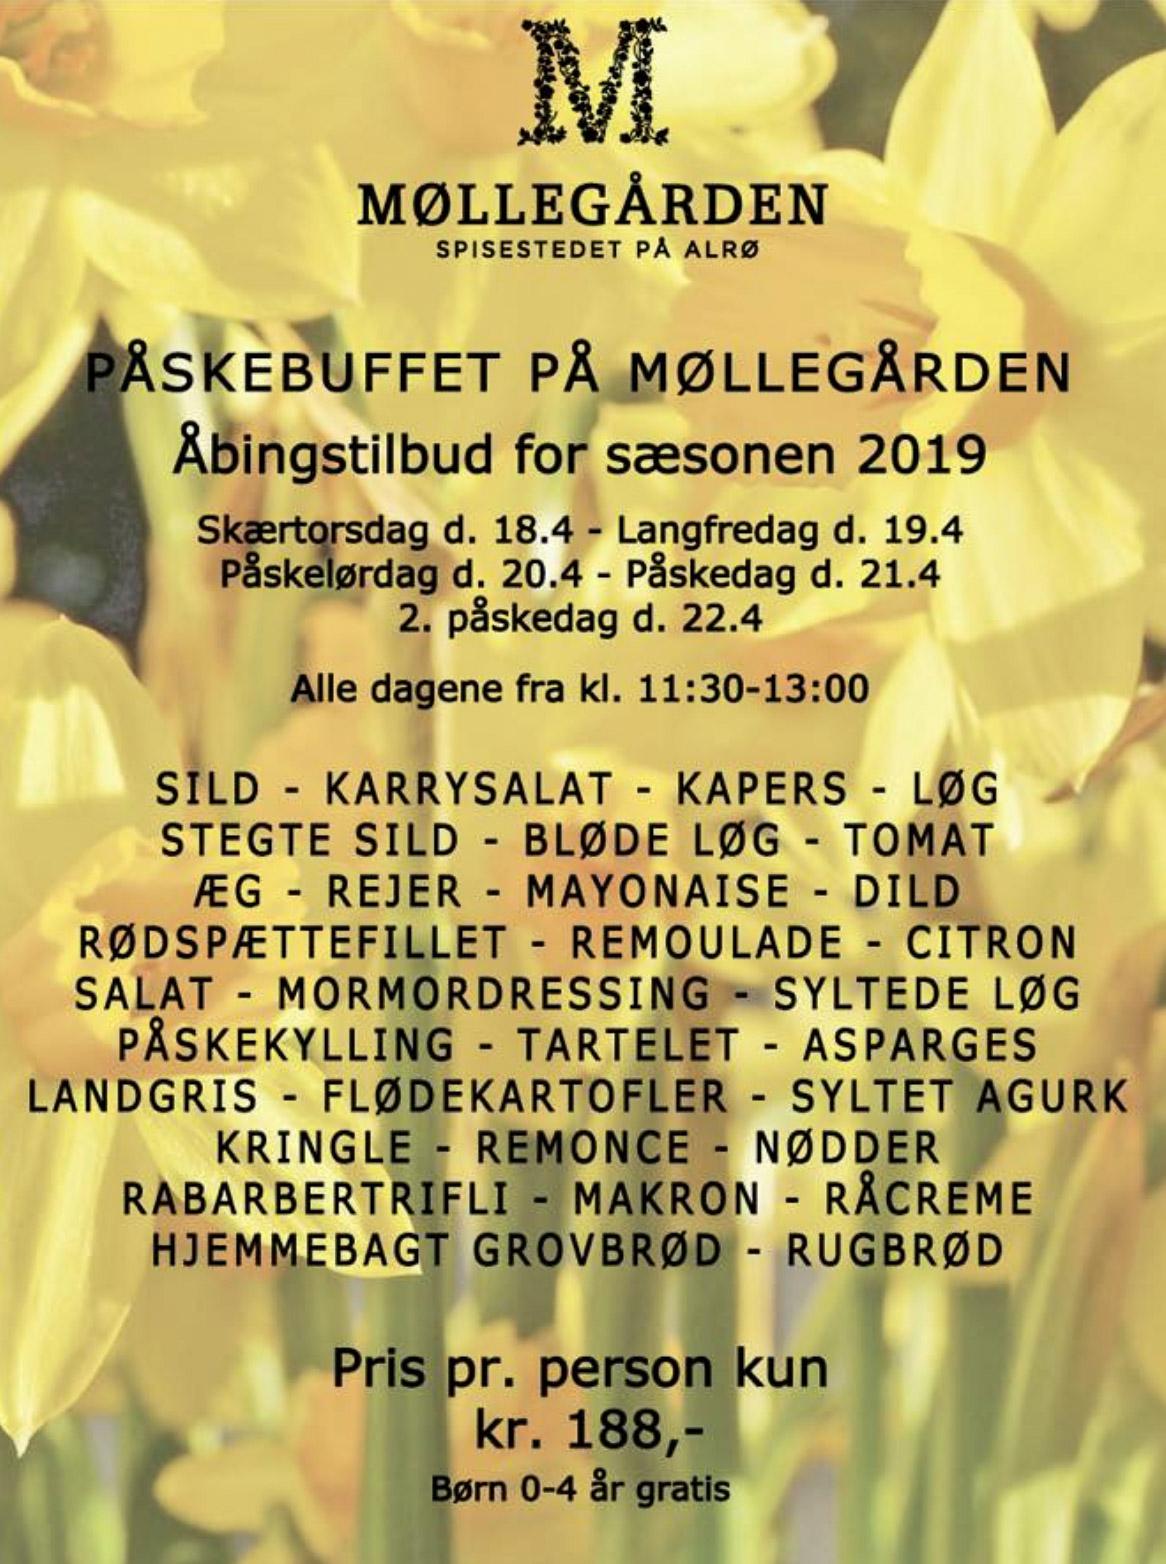 Traditionen tro: Påskefrokosten på Møllegården er udvidet til fem dage og sat ned til 188 kroner